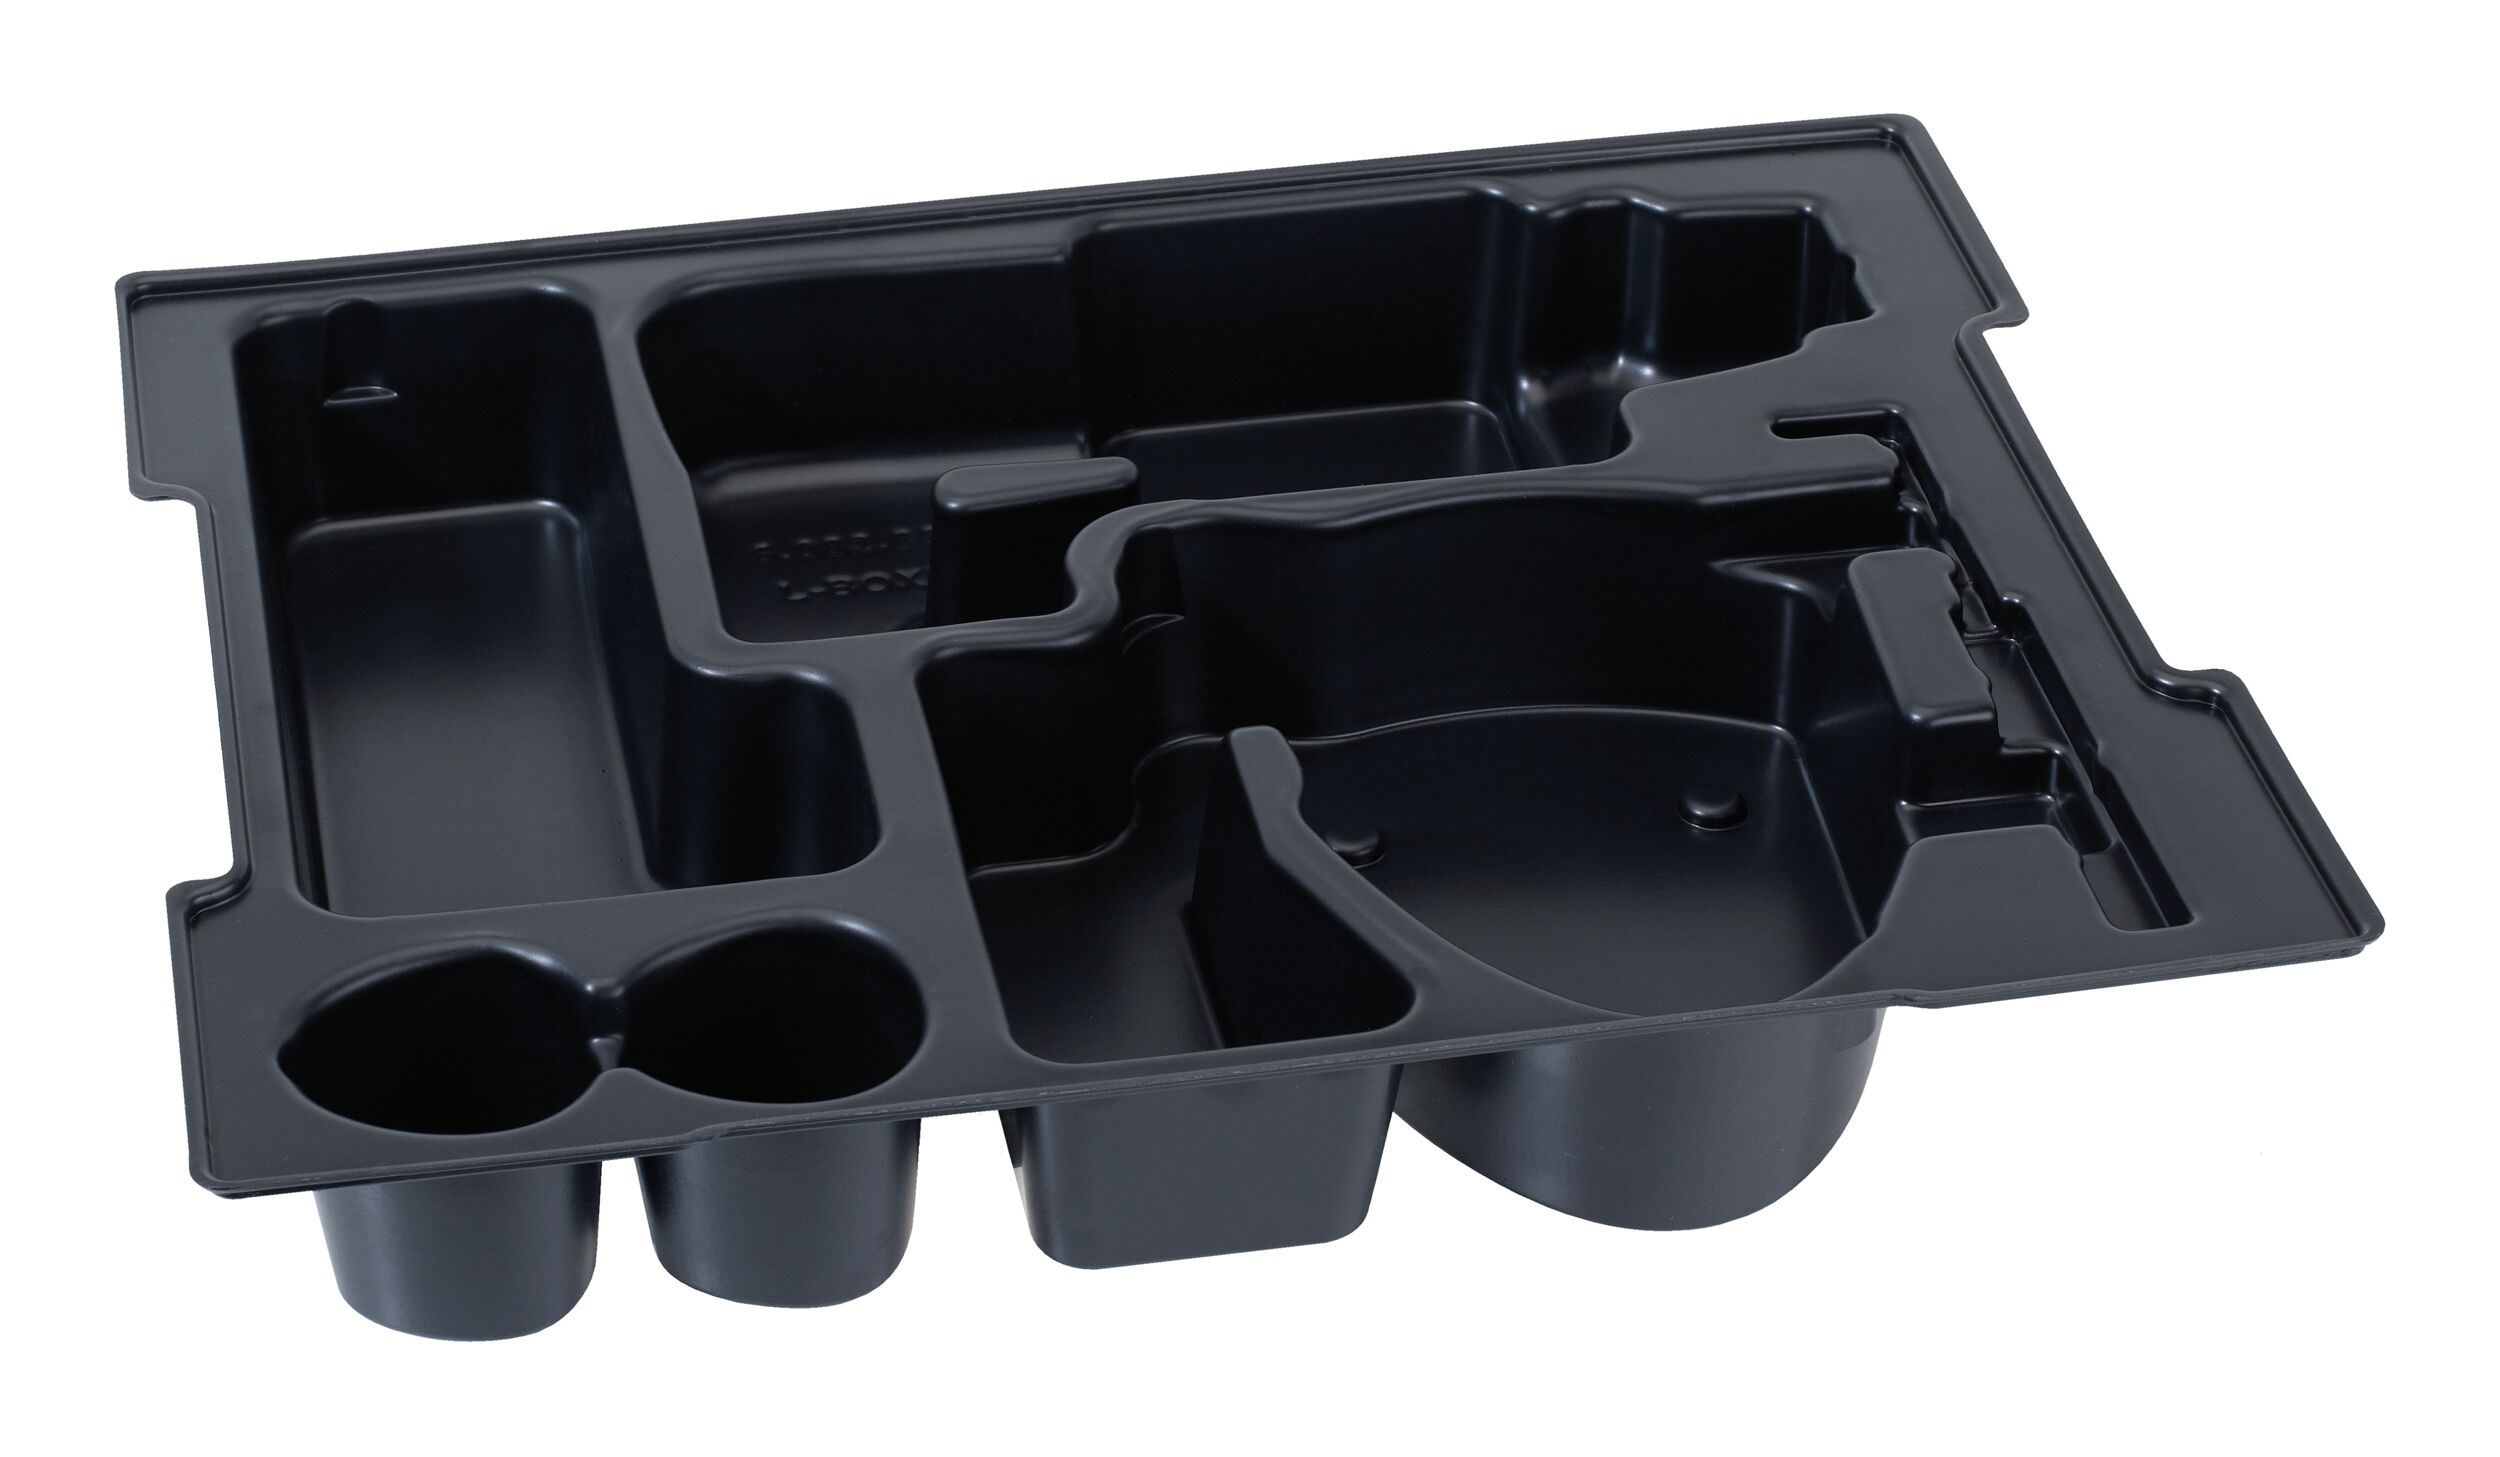 Blau Professional Einlage zur Werkzeugaufbewahrung für GSC 12V-13 ... 1600A002V0